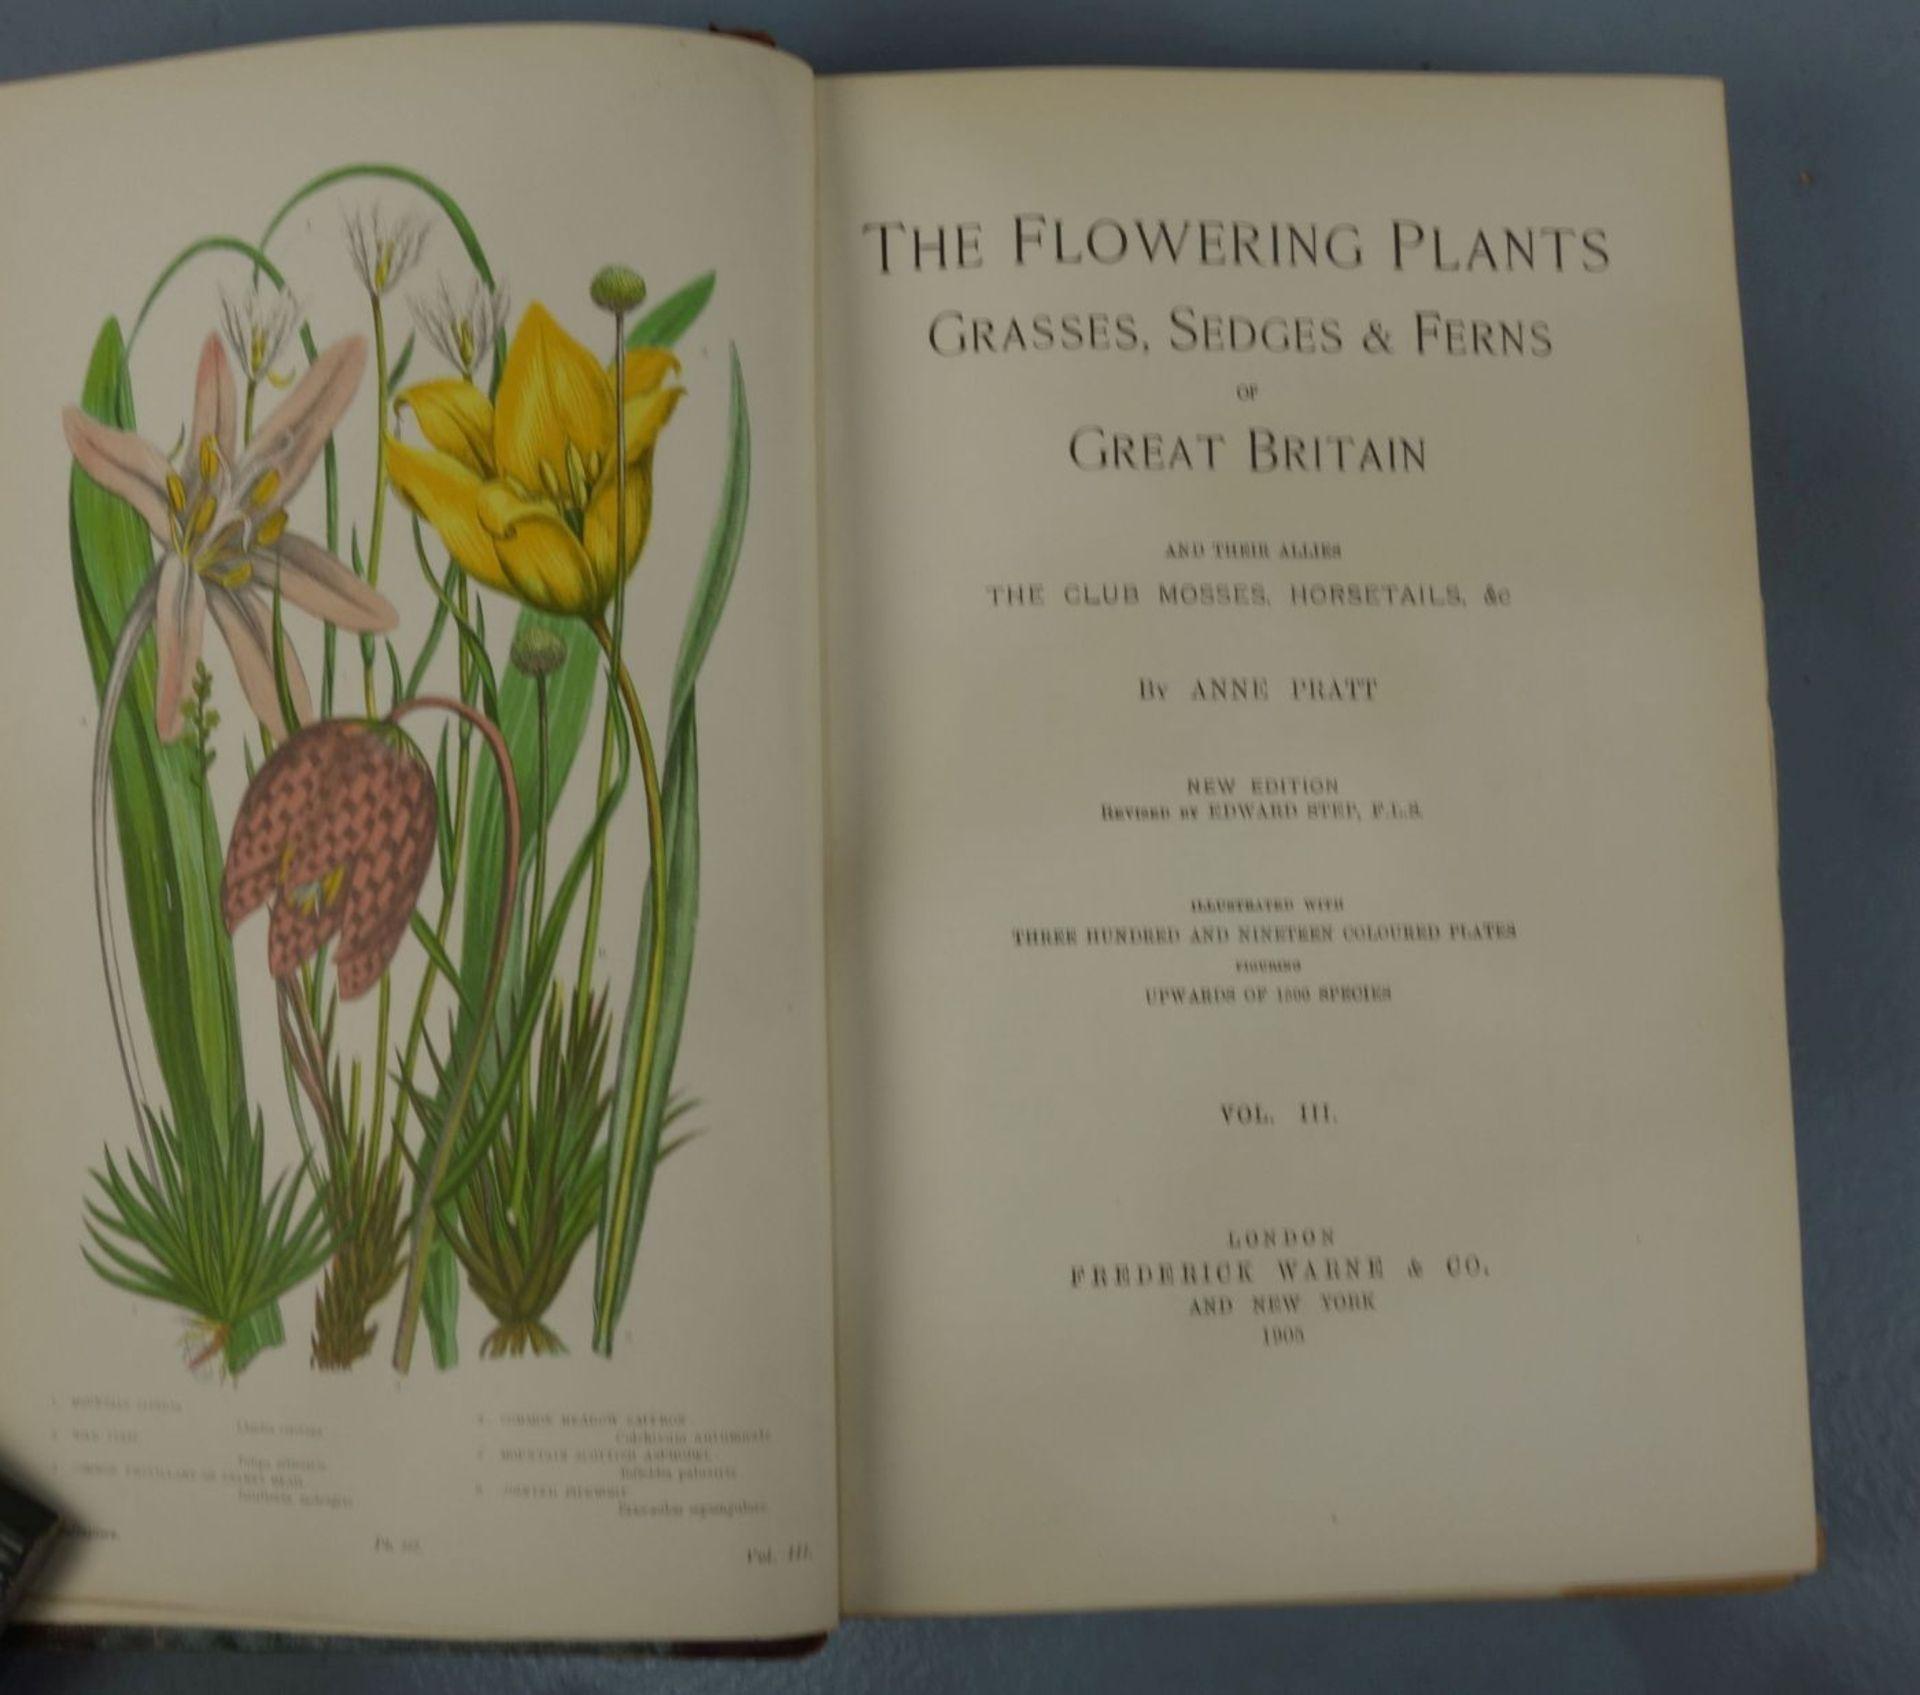 KONVOLUT BÜCHER VON 1899-1905: The Flowering Plants (Bd. 1-3) - Image 3 of 3